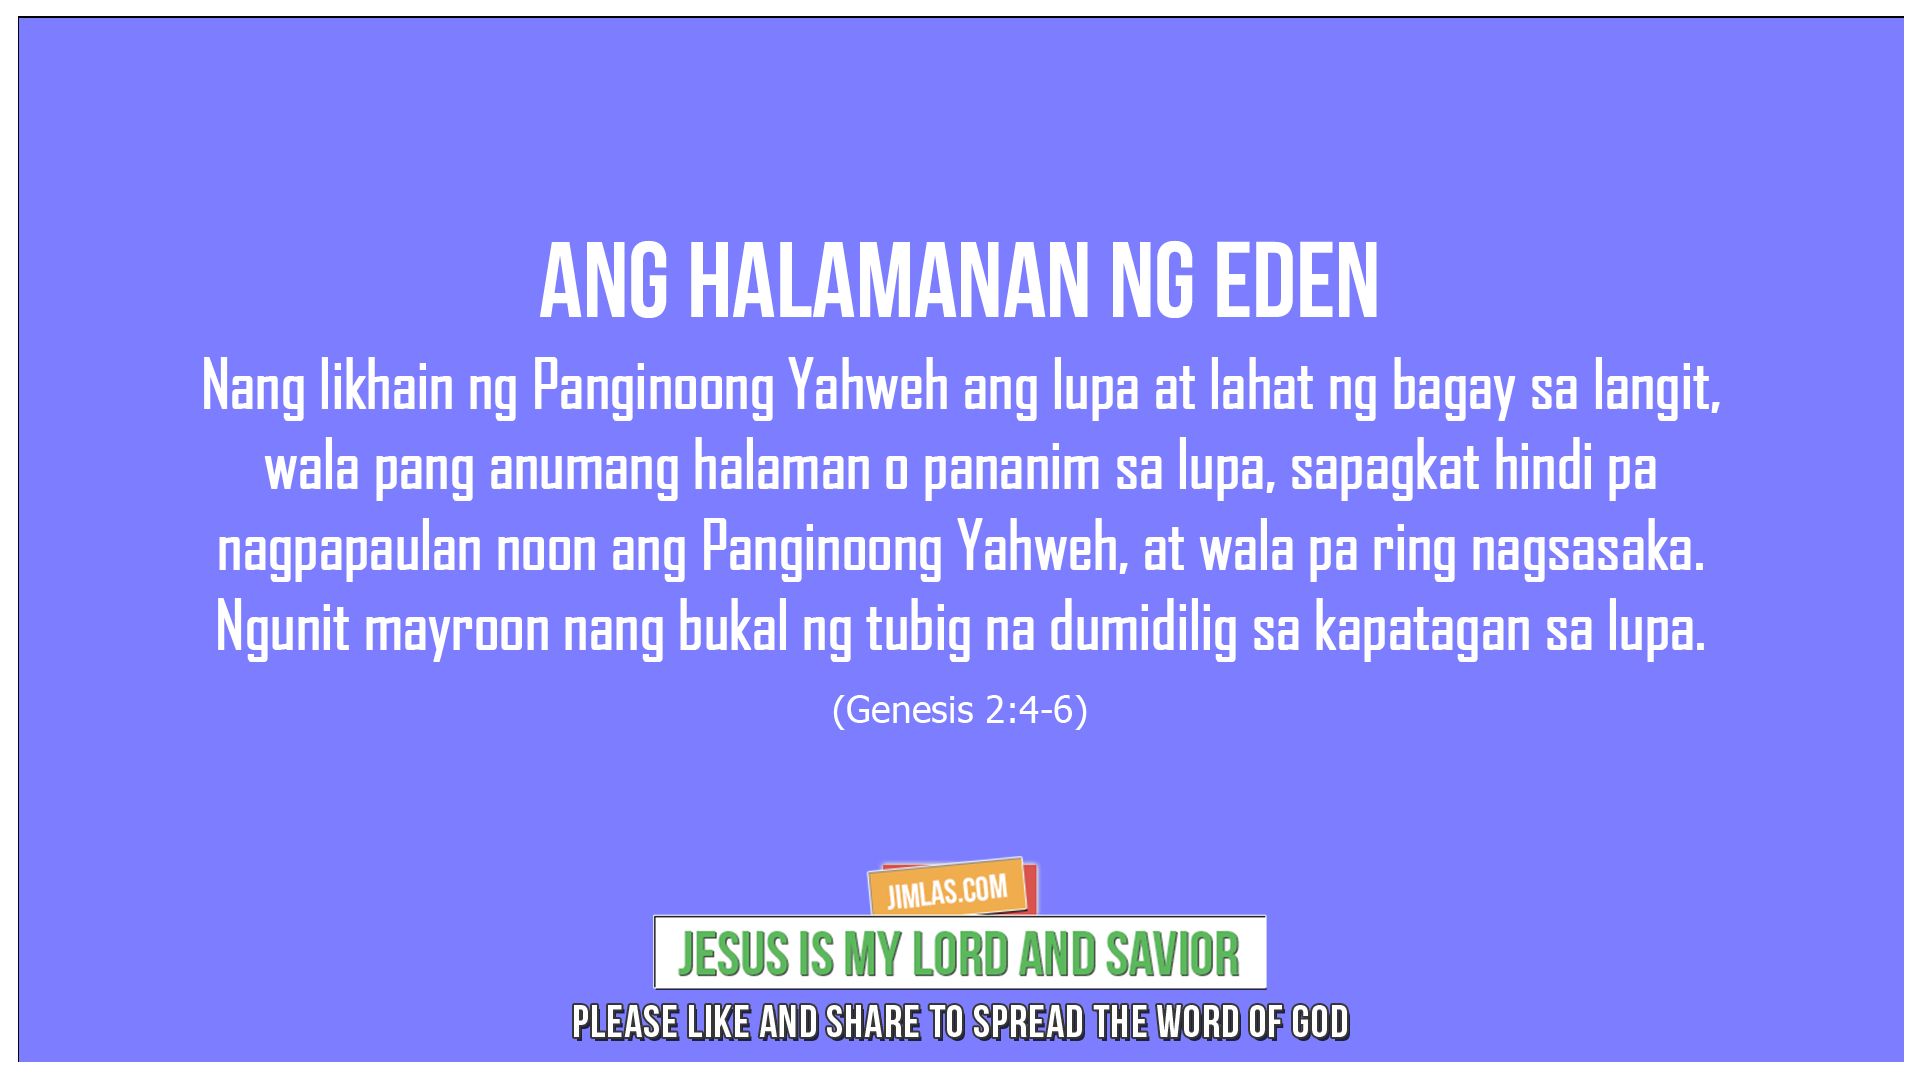 Genesis 2:4-6, Genesis 2:4-6